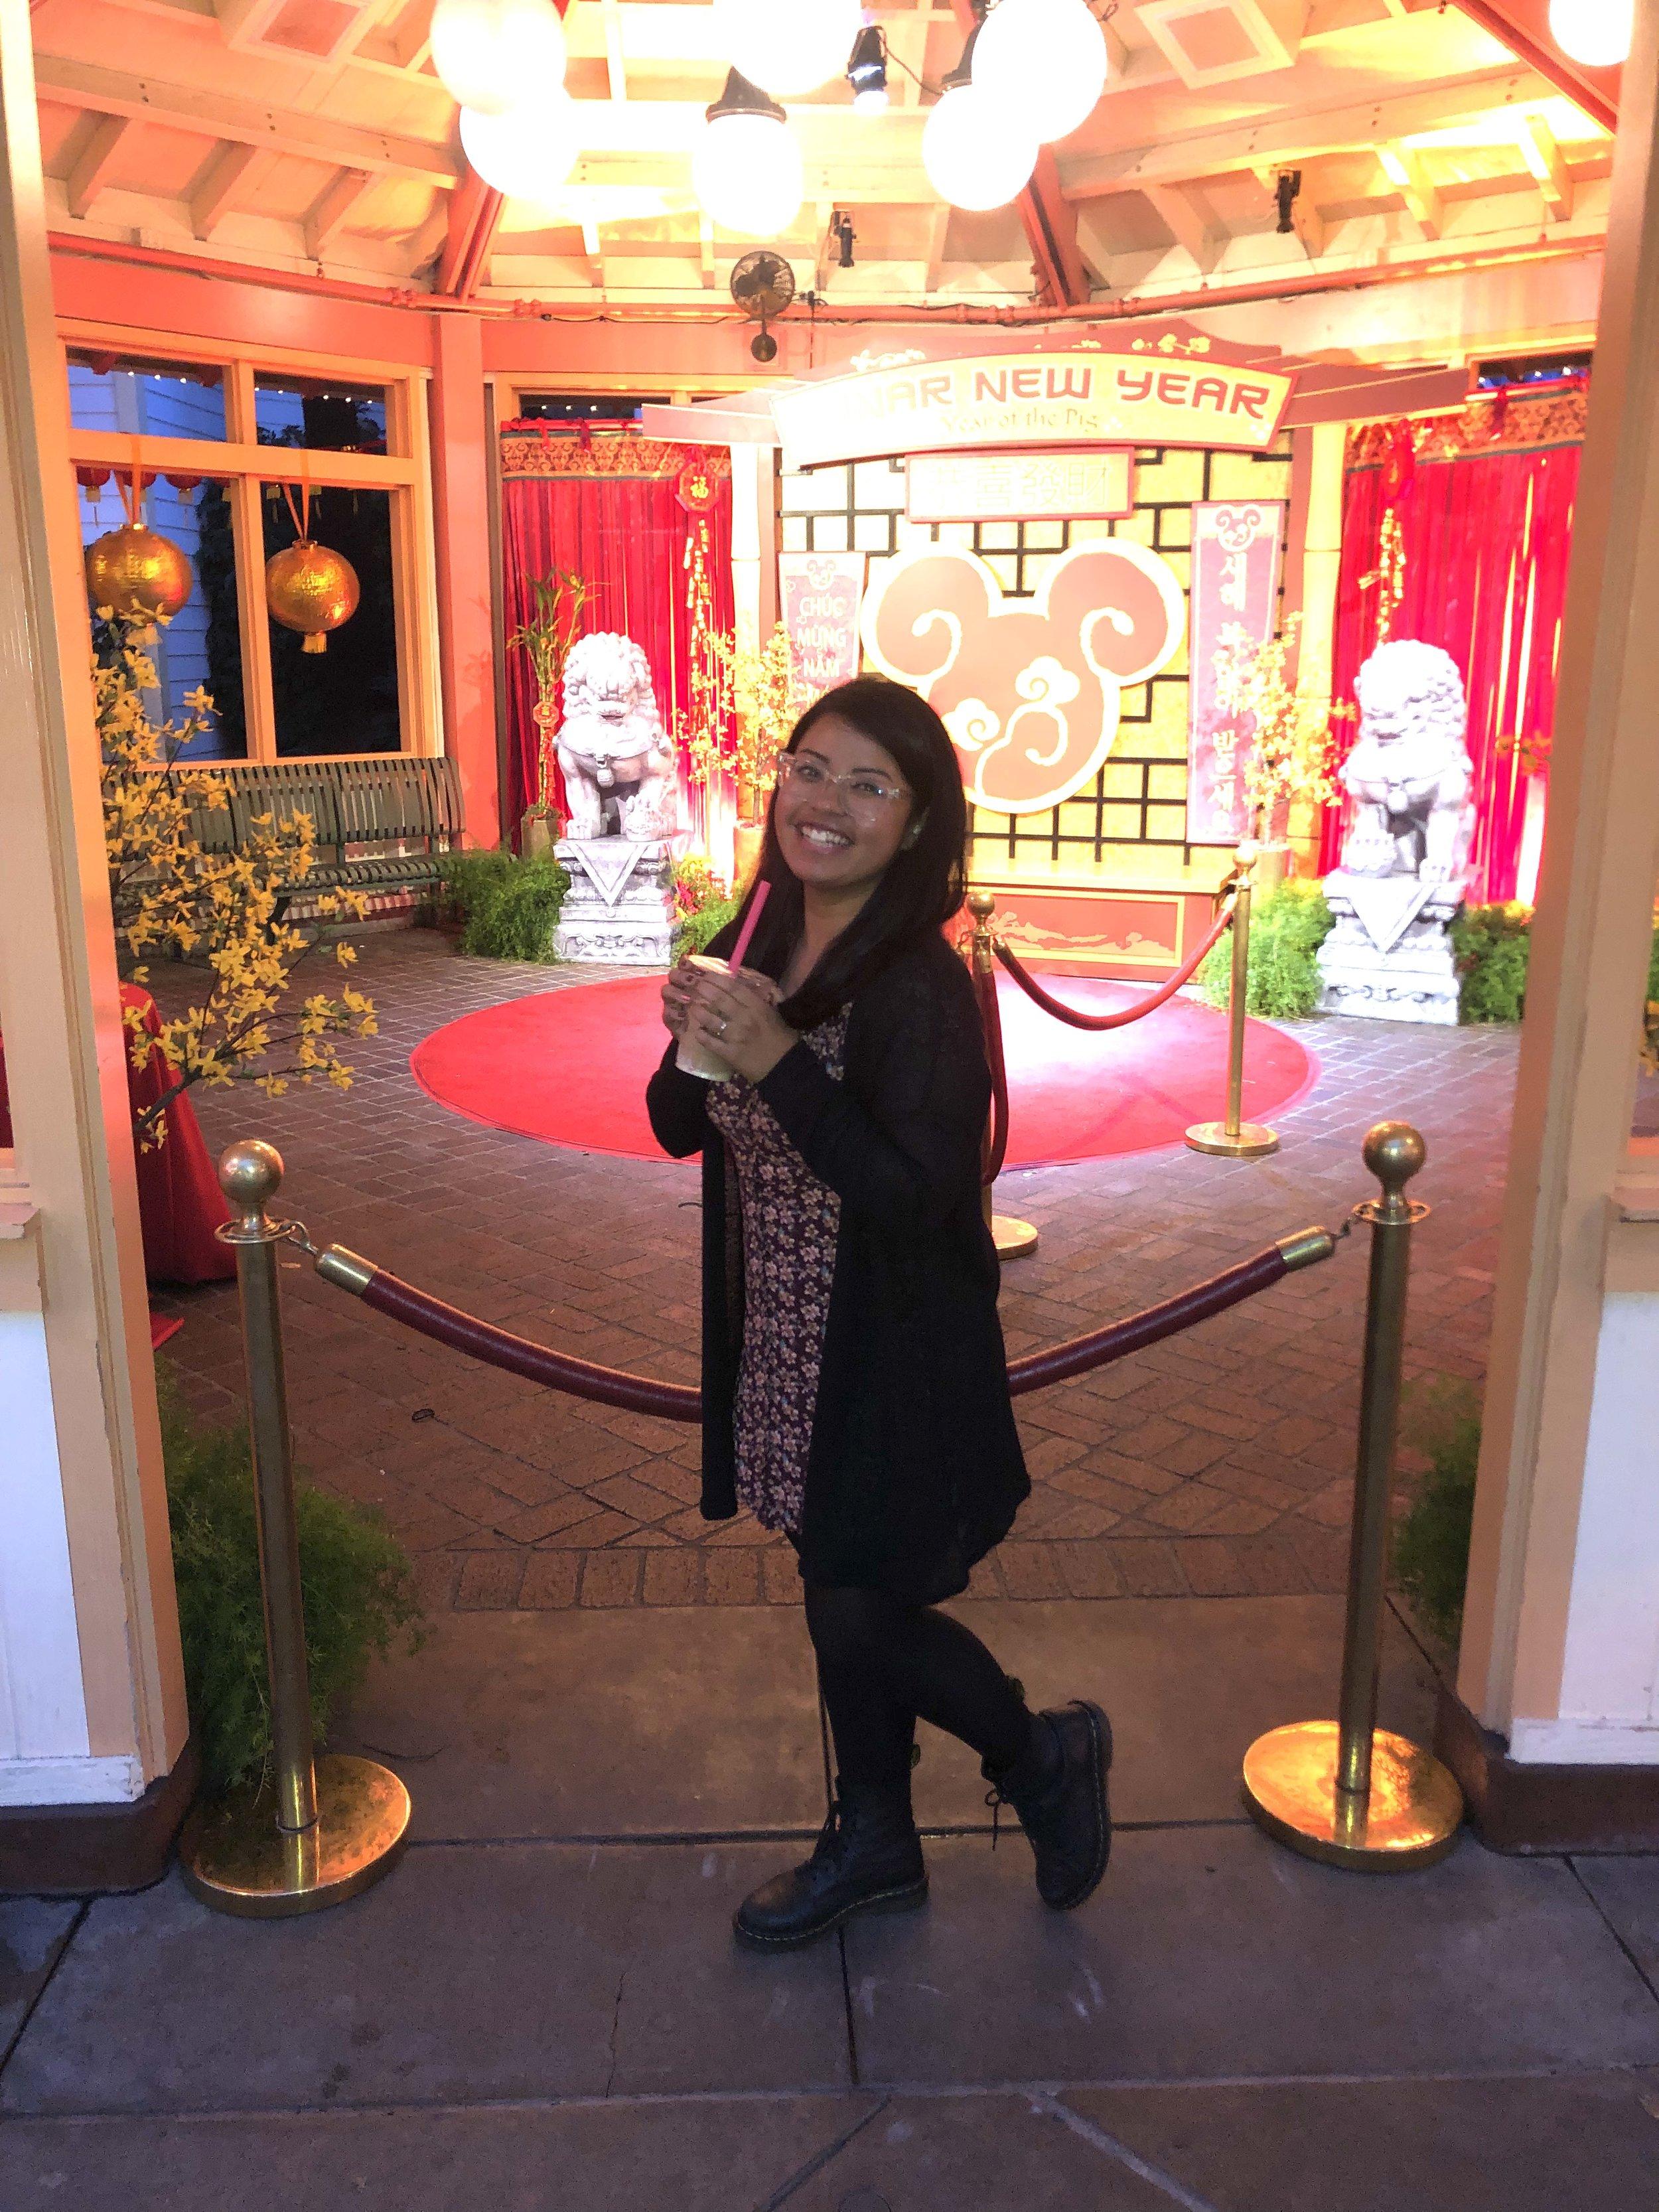 Mulan and Mushu Photo Area